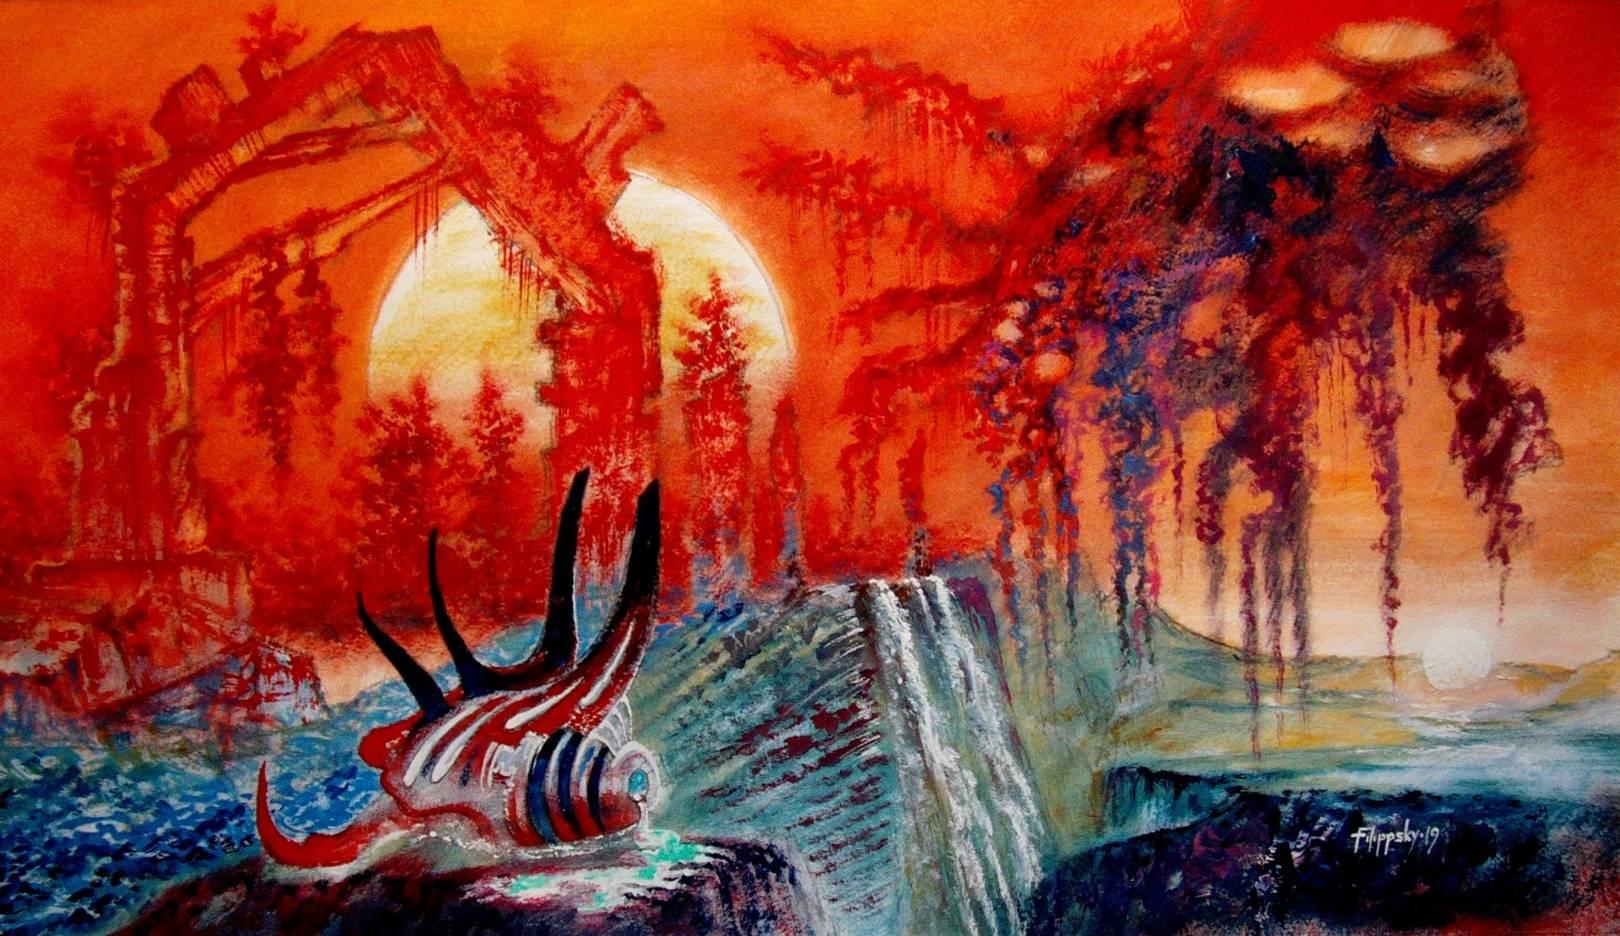 Аморфный пришелец среди руин на закате бинарного светила.